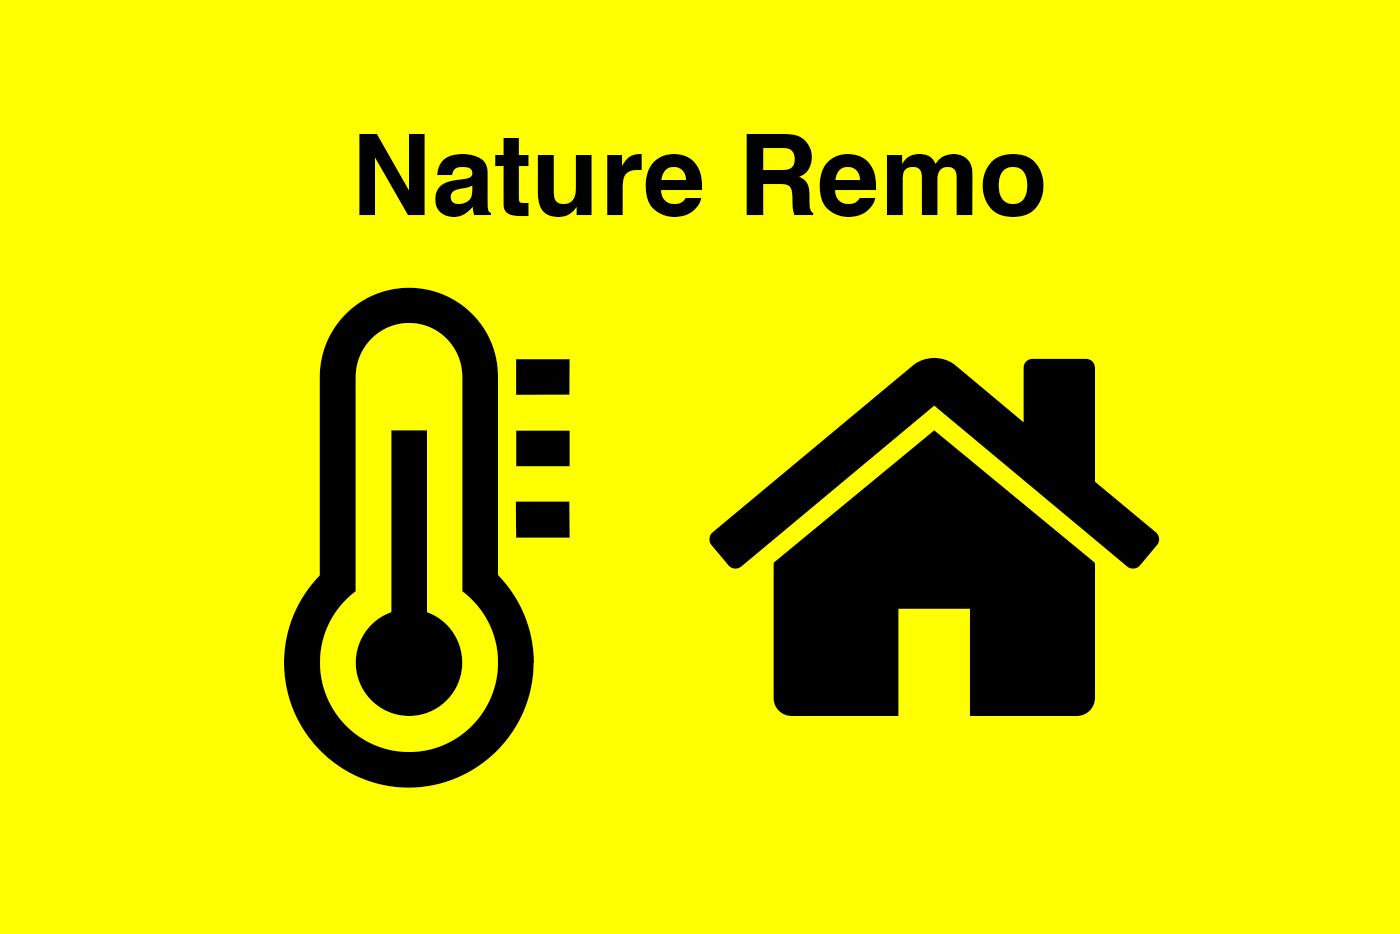 philips hueとnature remoで自宅をスマートホーム化計画 nature remoの